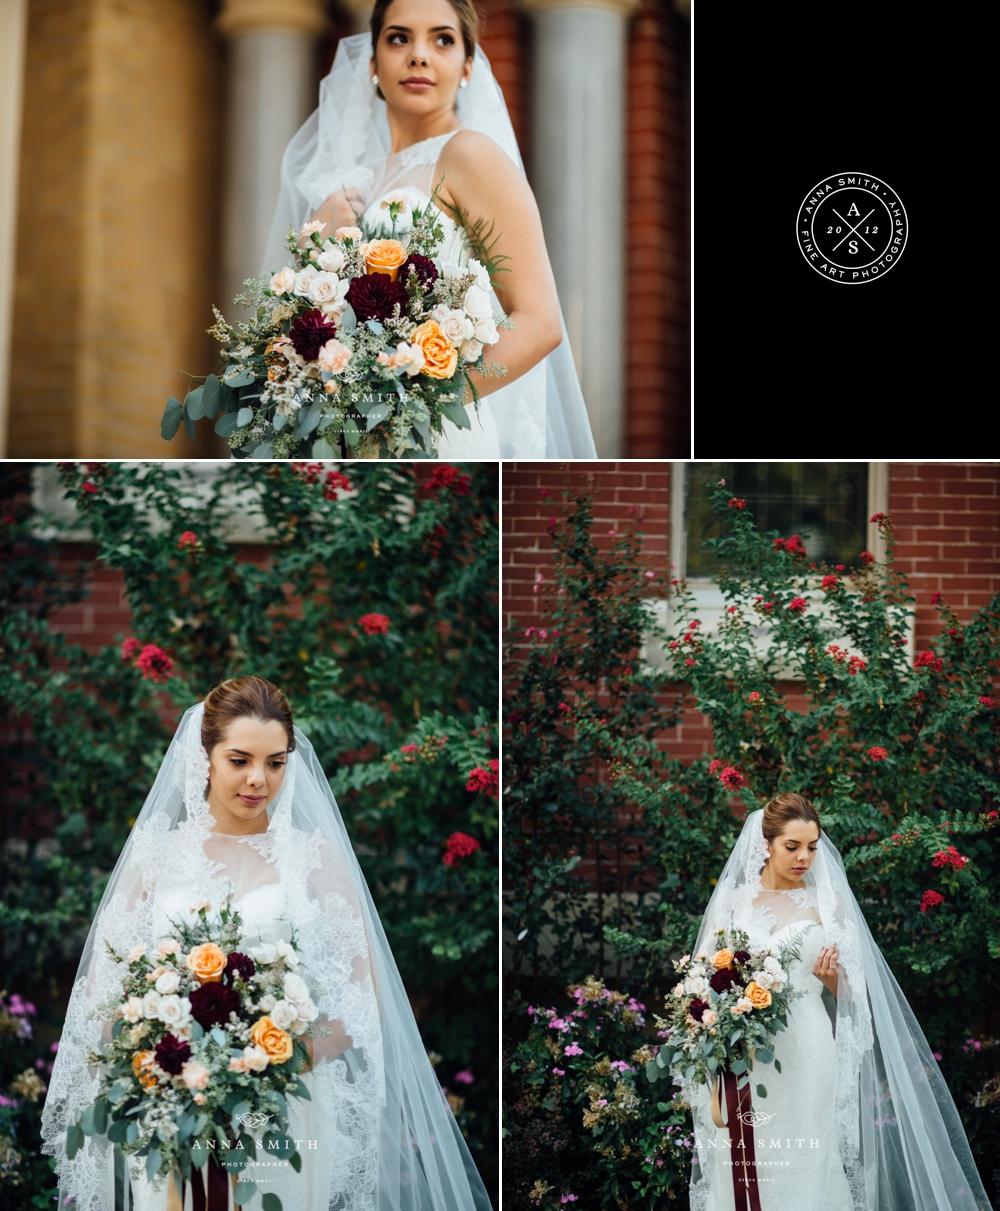 Dma wedding